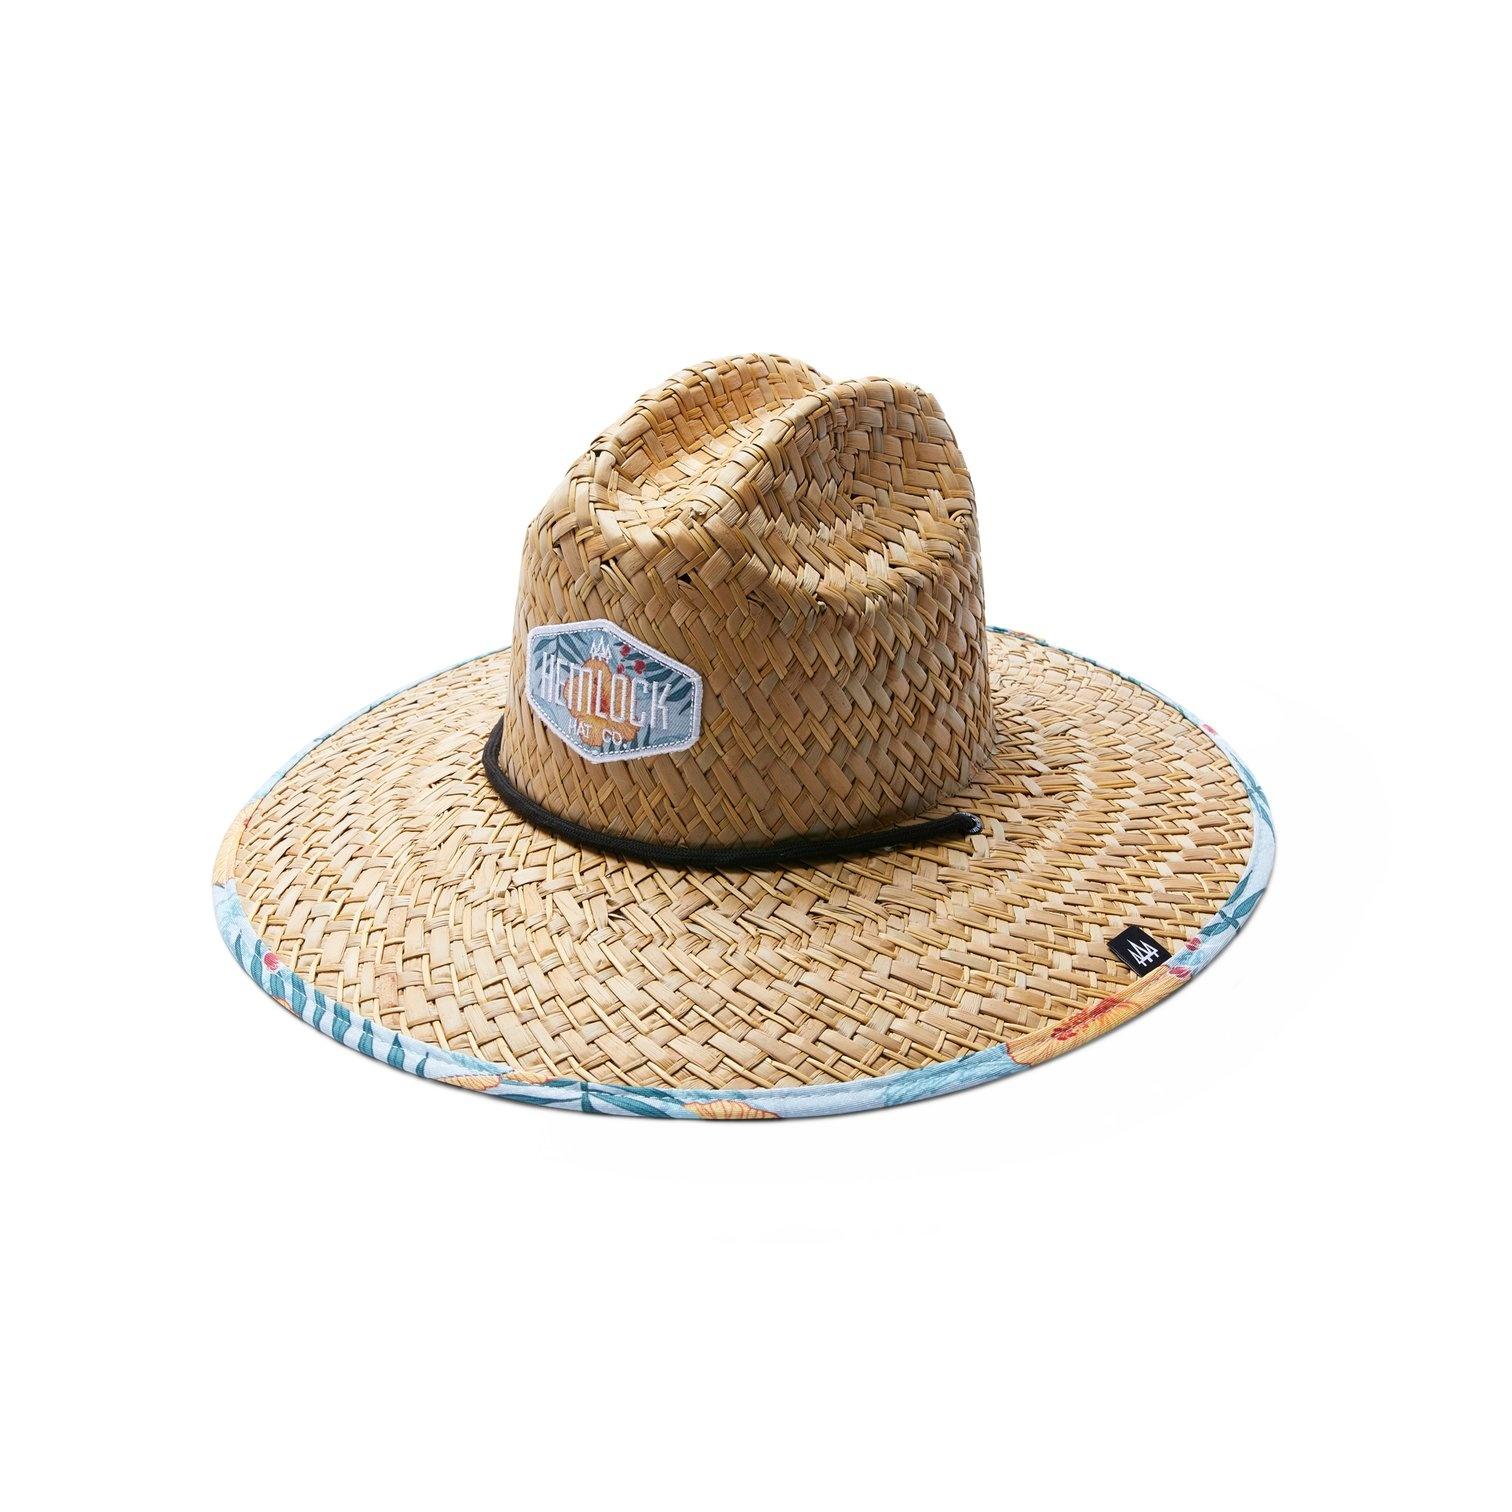 HEMLOCK Hemlock Big Kids Hat